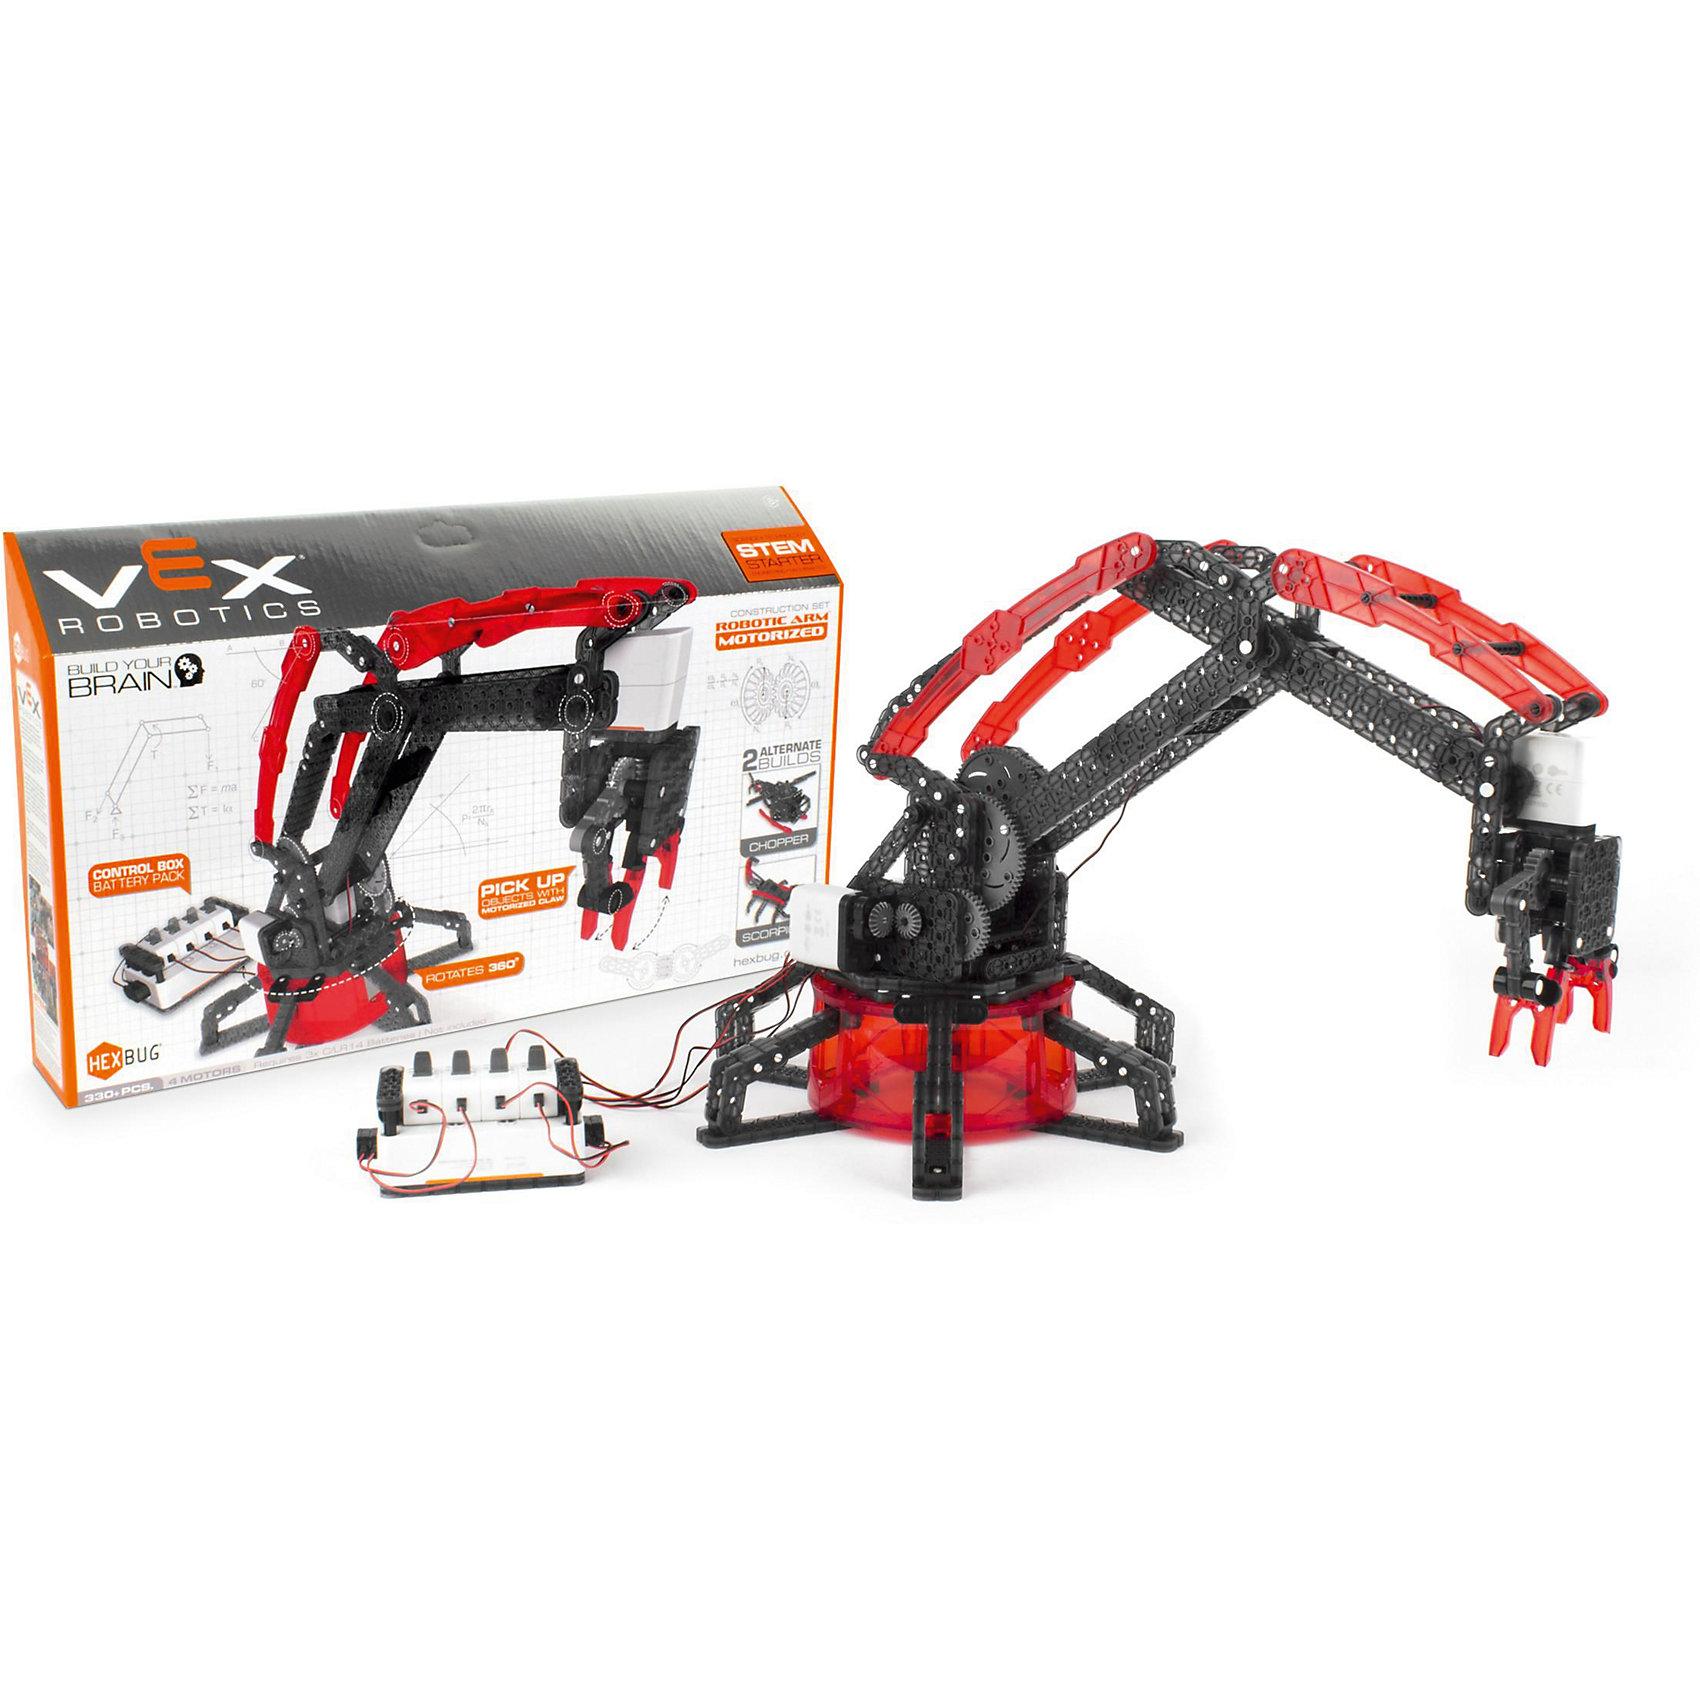 Конструктор VEX Robotic Arm-Motorized, HexbugПластмассовые конструкторы<br>Конструктор VEX Robotic Arm-Motorized, Hexbug (Хексбаг)<br><br>Характеристики:<br><br>• моторизированная модель манипулятора робота<br>• может передвигать предметы<br>• 4 мотора<br>• количество элементов: 330<br>• материал: пластик, металл<br><br>Конструктор VEX Robotic Arm-Motorized наглядно познакомит ребенка с основами механики. Из 330 деталей вы сможете собрать моторизированную модель манипулятора робота. Управляя роботом, вы сможете поднять и переместить небольшие предметы. Конструктор собирается вручную, без применения инструментов и клея. С такой увлекательной игрушкой ребенок никогда не заскучает!<br><br>Конструктор VEX Robotic Arm-Motorized, Hexbug (Хексбаг) можно купить в нашем интернет-магазине.<br><br>Ширина мм: 270<br>Глубина мм: 60<br>Высота мм: 460<br>Вес г: 1650<br>Возраст от месяцев: 36<br>Возраст до месяцев: 2147483647<br>Пол: Унисекс<br>Возраст: Детский<br>SKU: 5506932